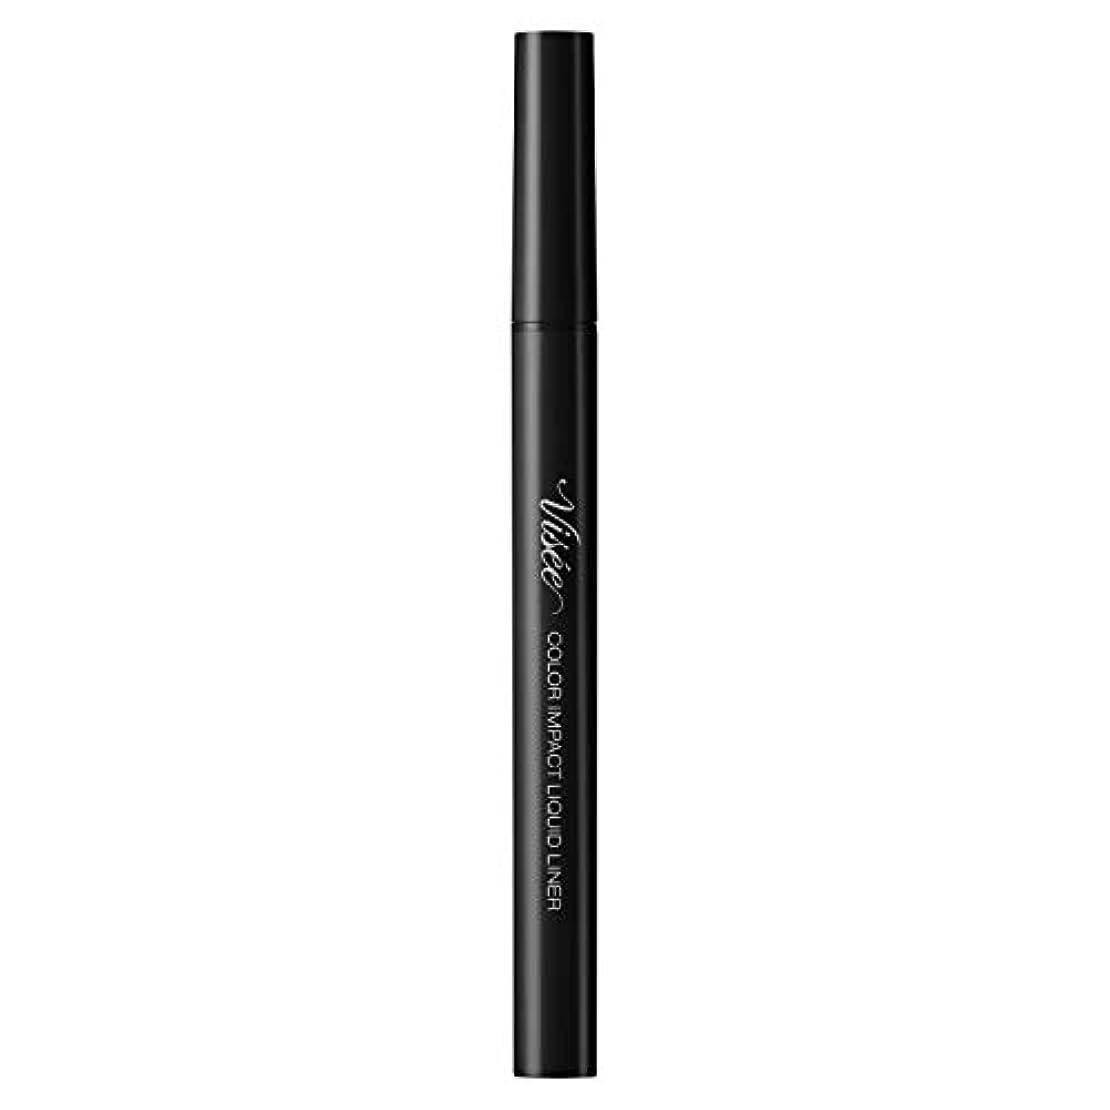 ブームほうき自発的ヴィセ リシェ カラーインパクト リキッドライナー ブラック BK001 0.4mL